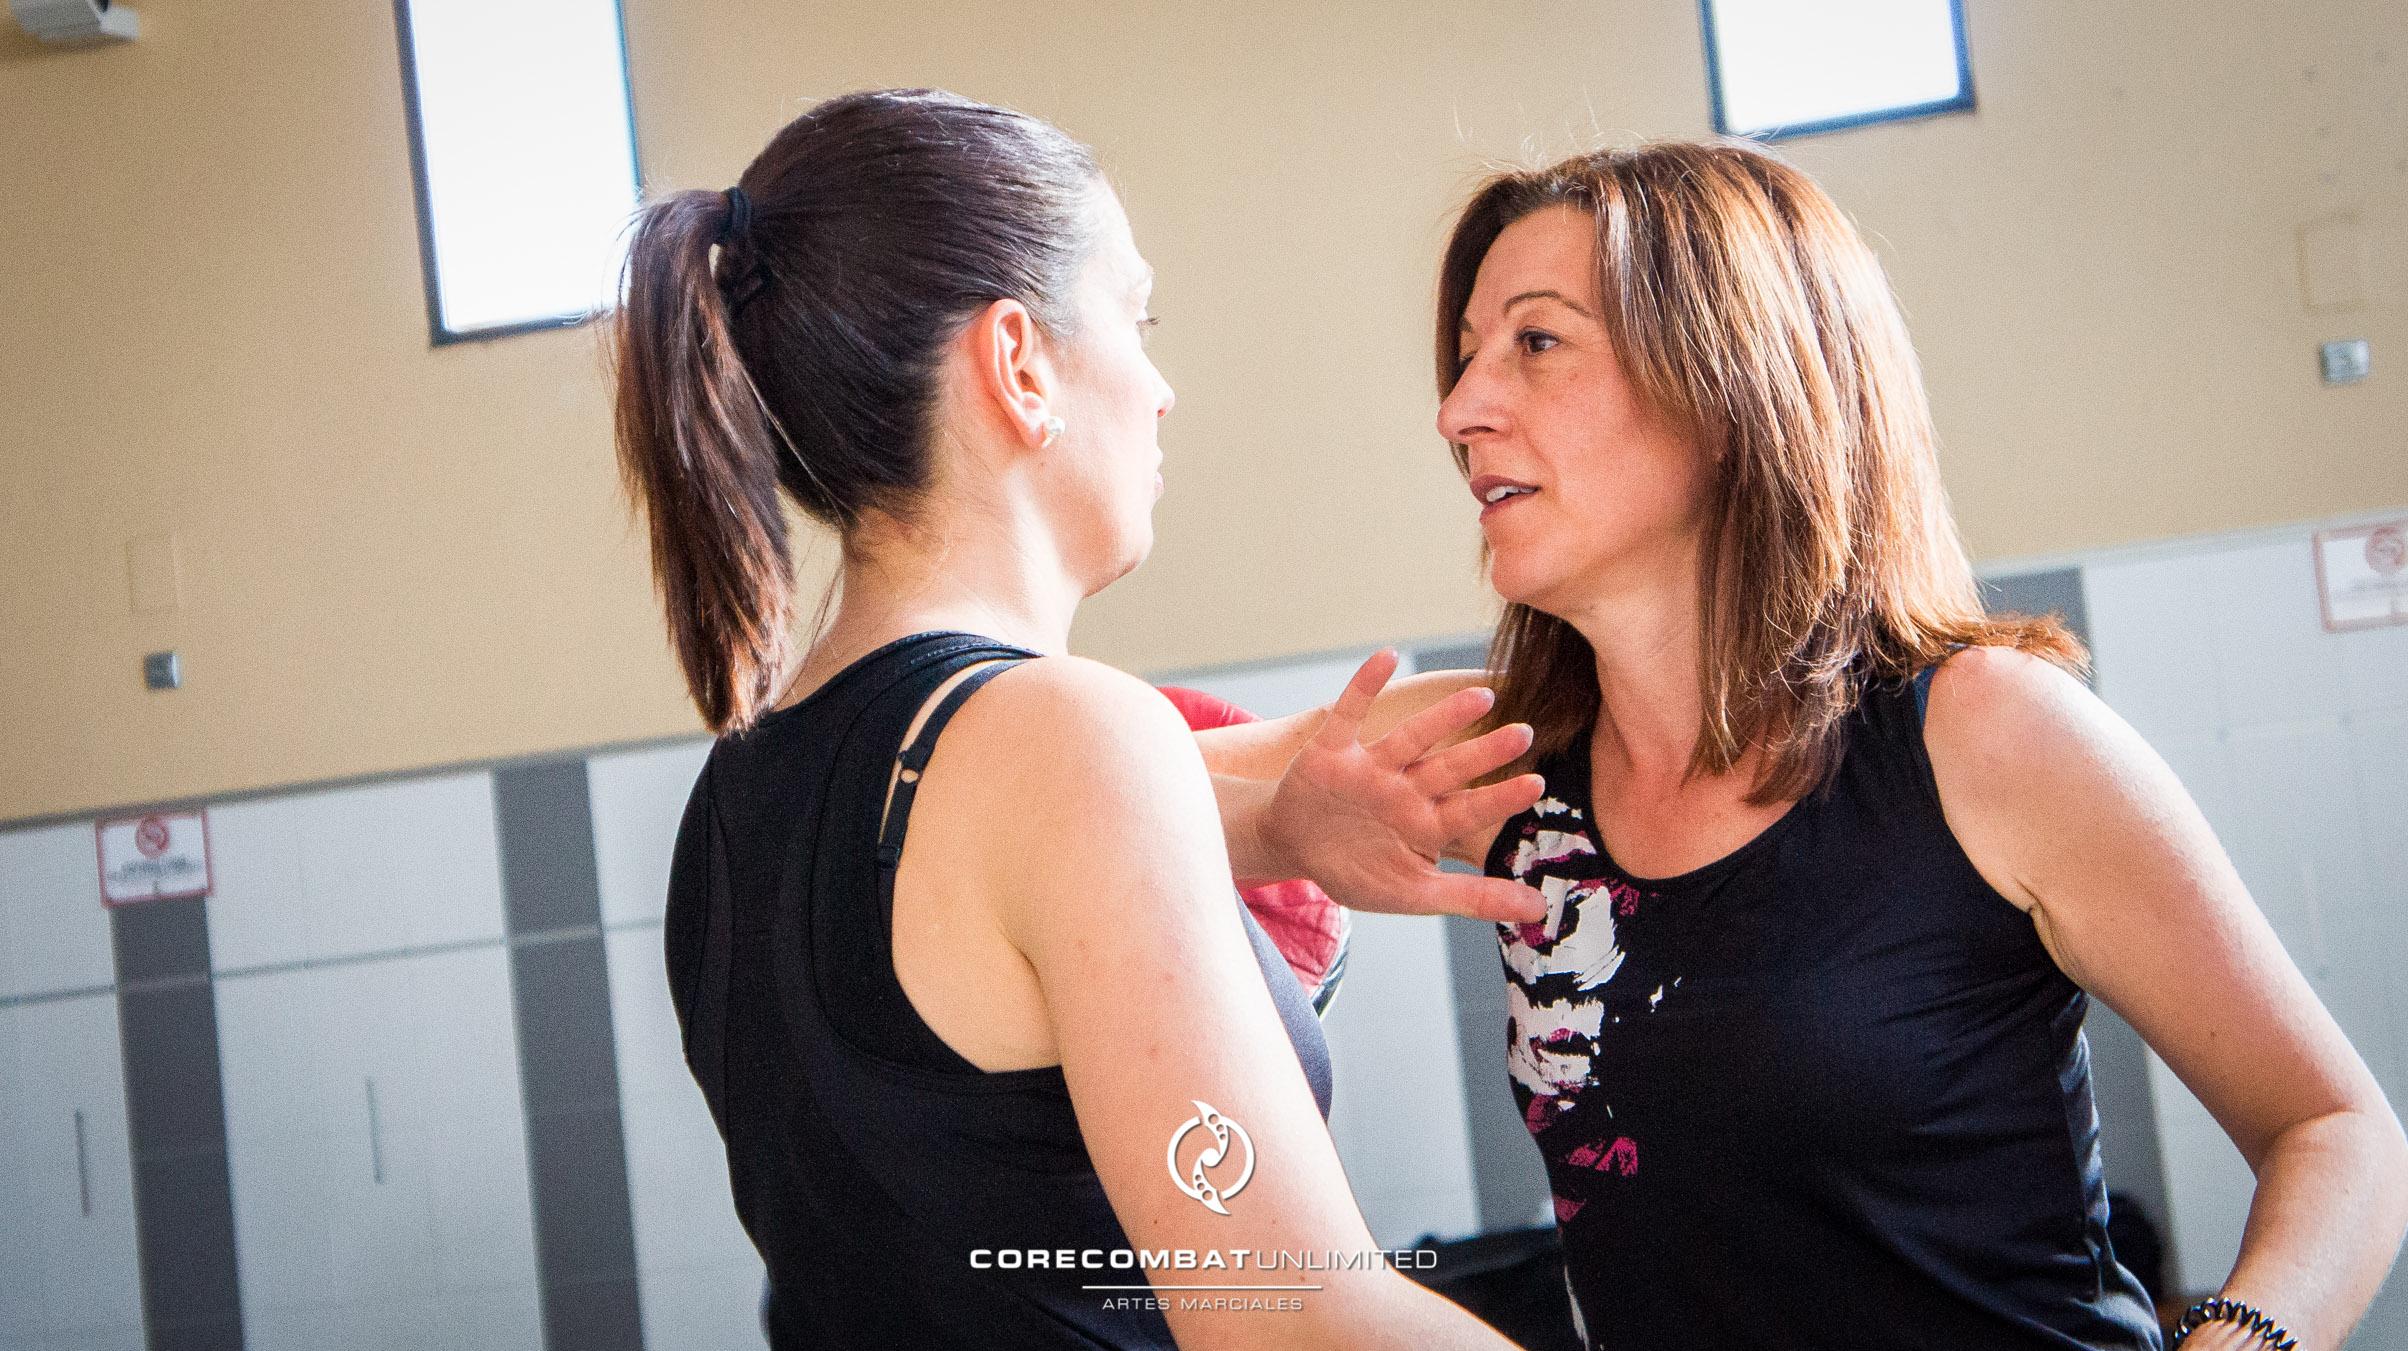 curso-defensa-personal-para-mujeres-zamora-coreses-artes-marciales-zamora-core-combat-salamanca-valladolid-leon-madrid-19